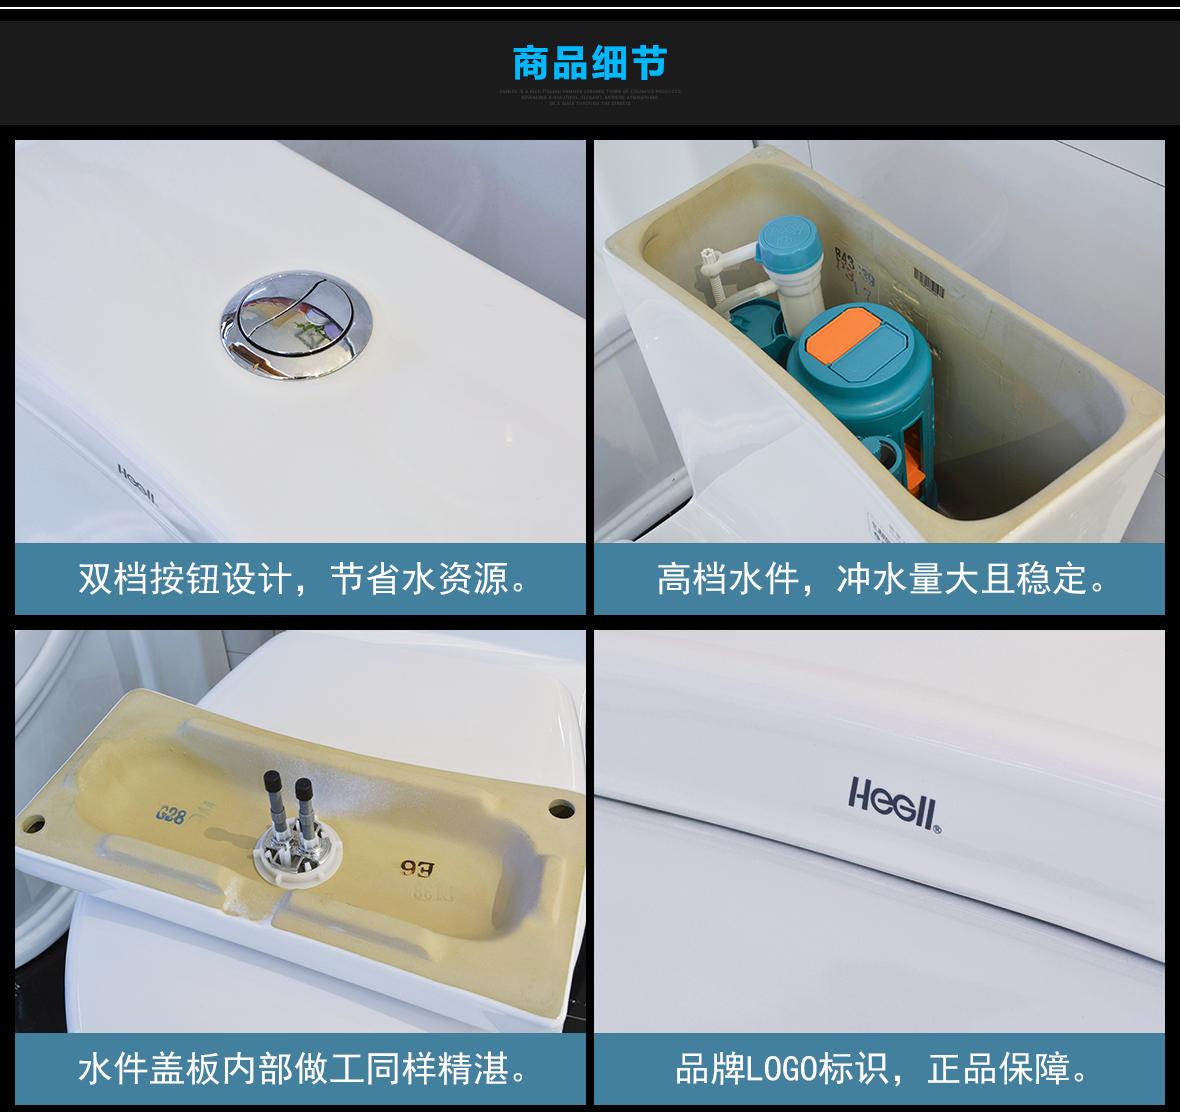 恒洁卫浴 H0135K陶瓷连体座便器 细节